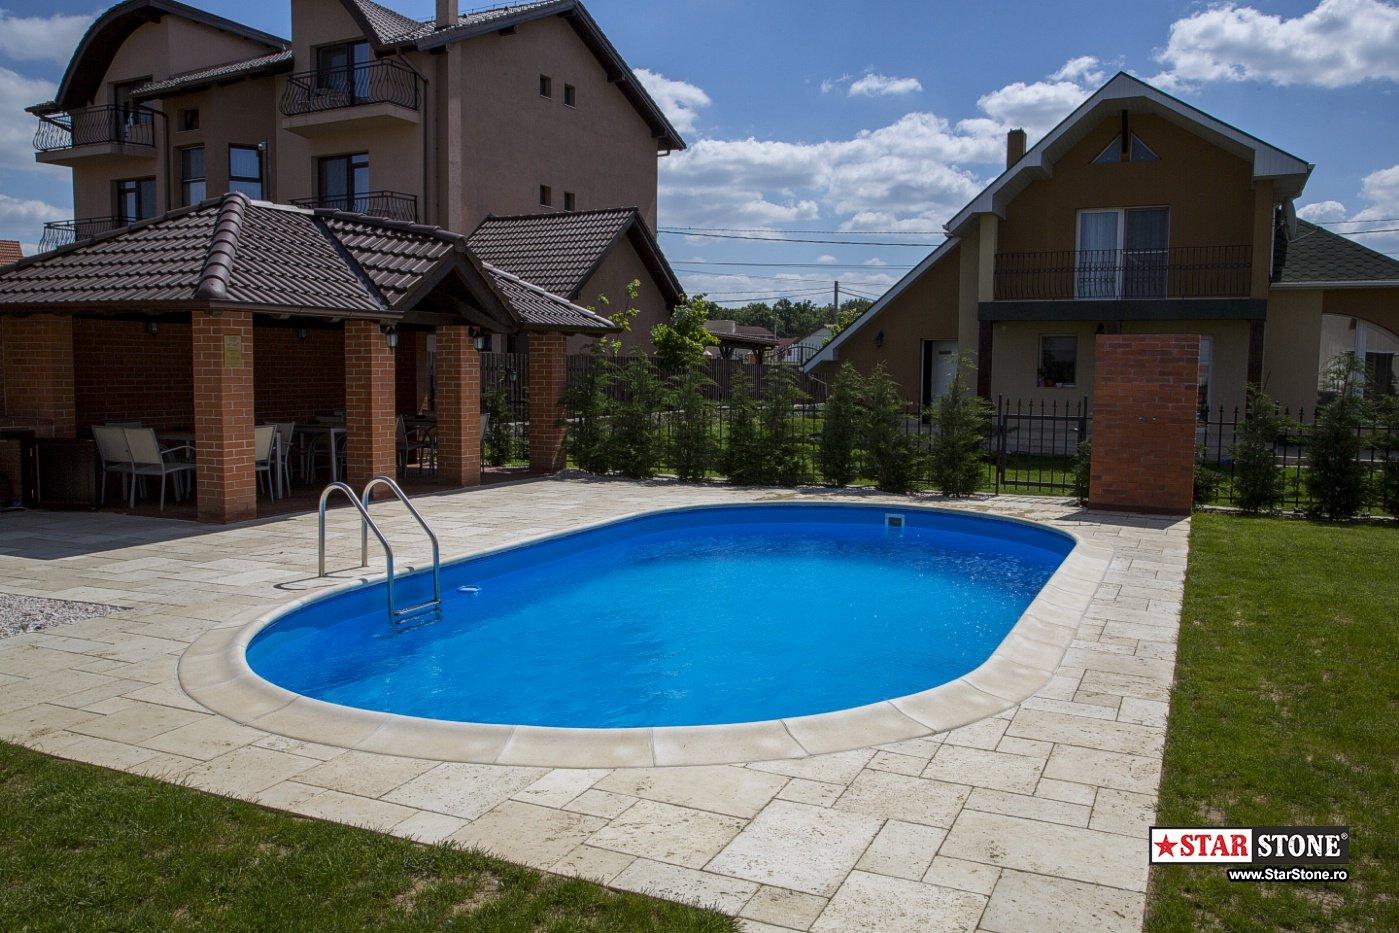 010-borduri-piscina-roma30